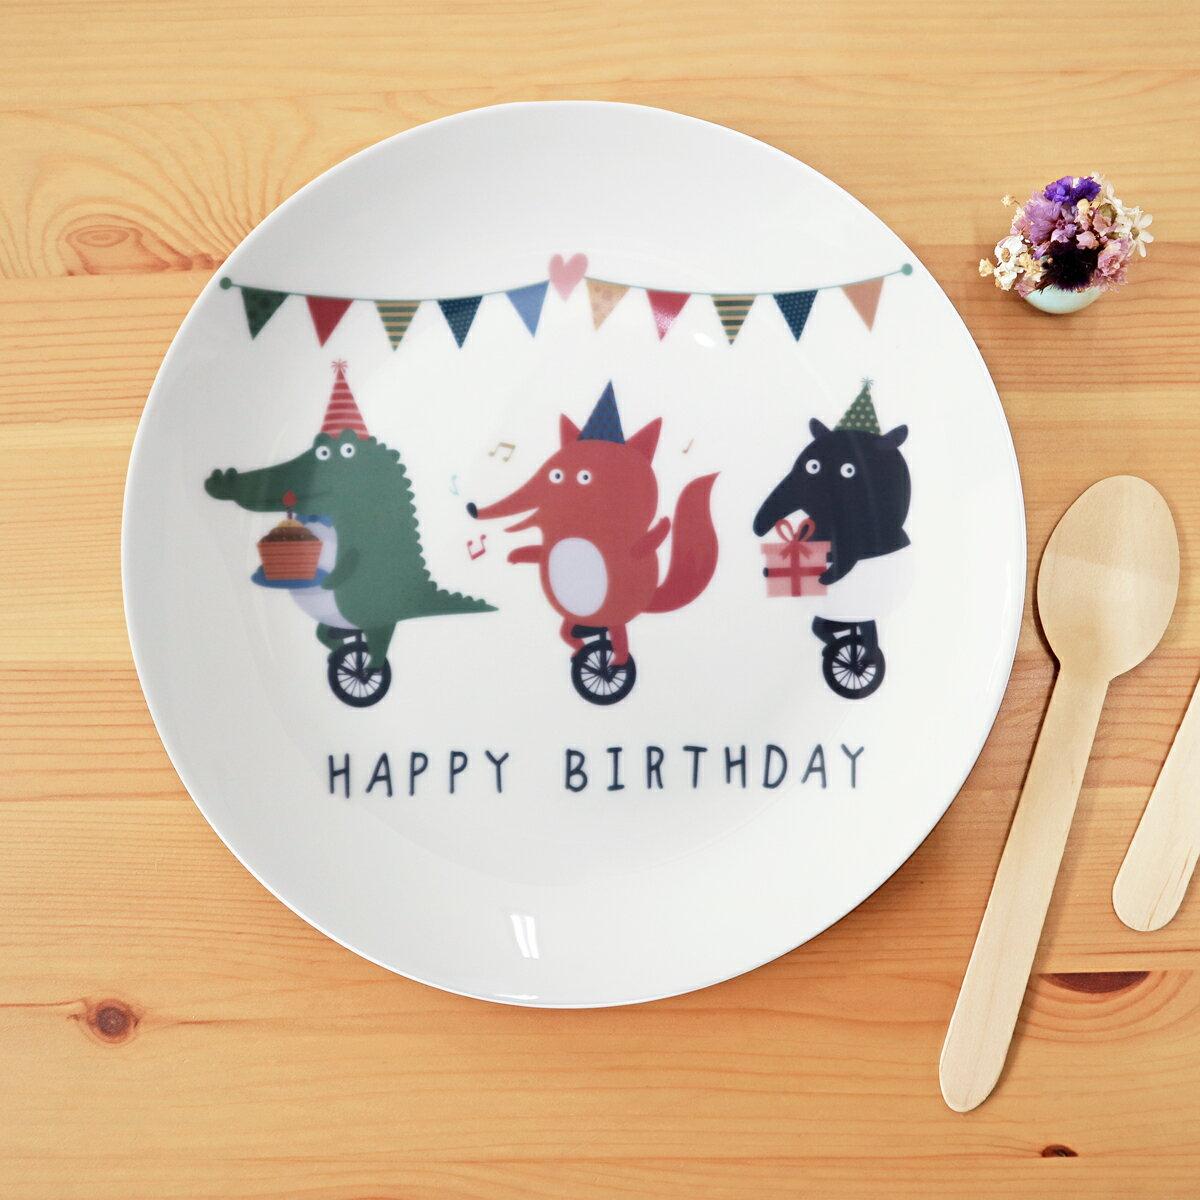 《陶緣彩瓷》 恐龍馬來膜派對生日盤-8吋骨瓷盤 / 結婚禮物/婚禮小物/伴娘禮物/客製化